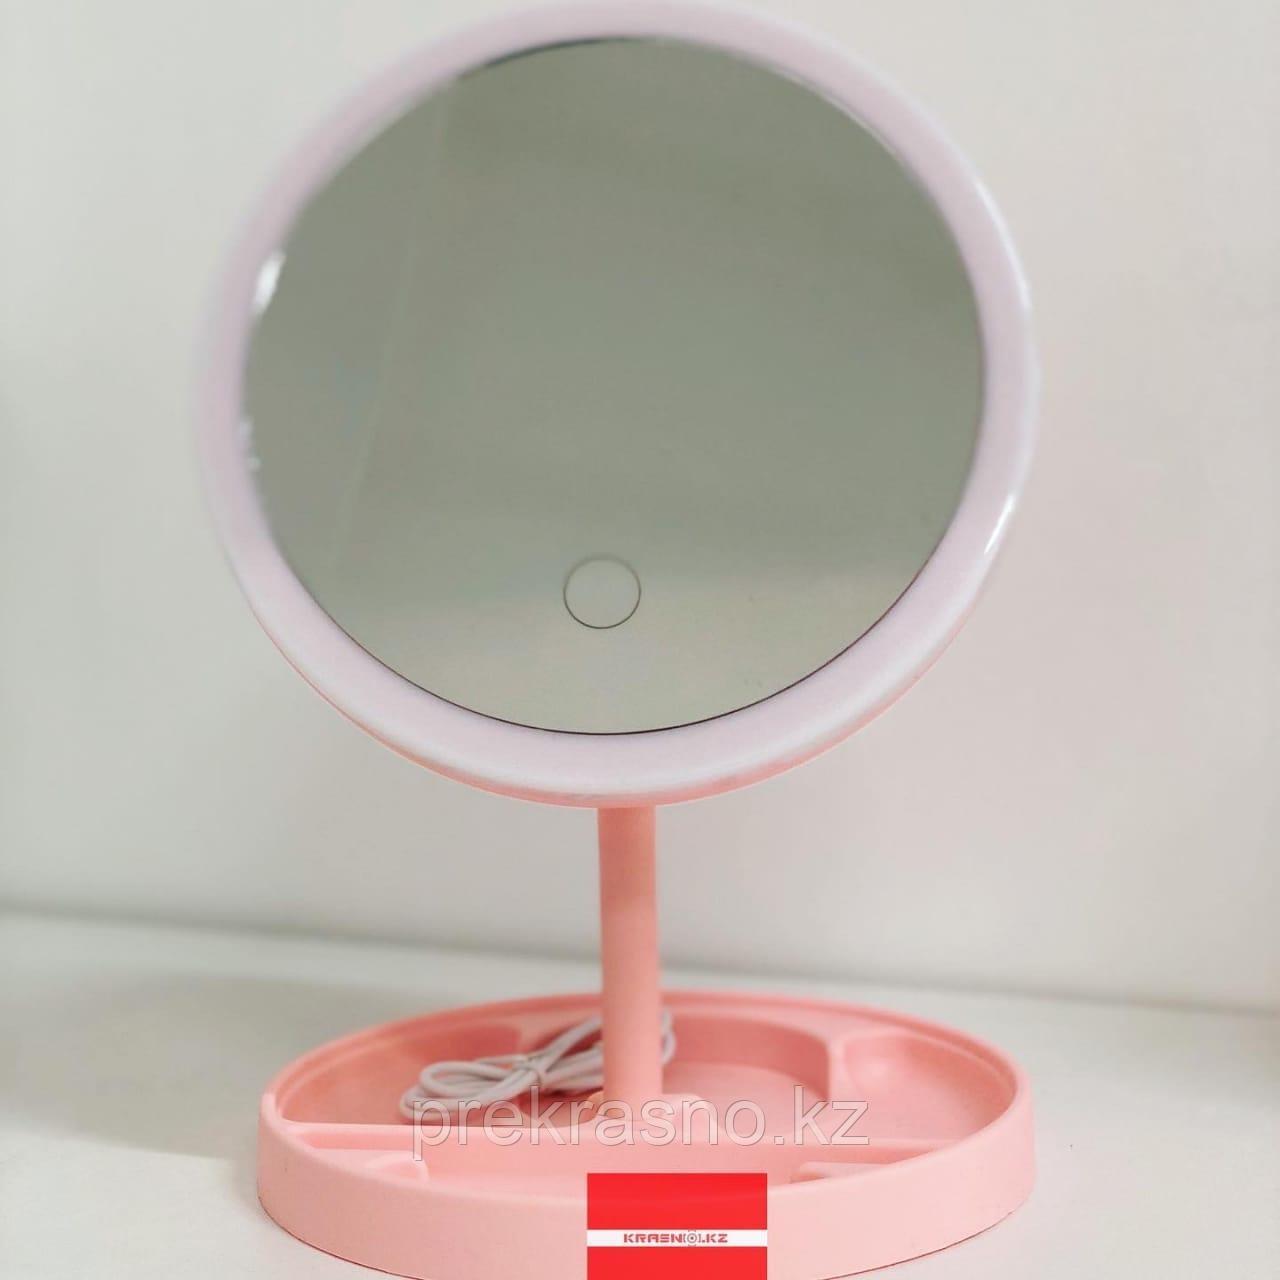 Зеркало круглое с подсветкой RIYE